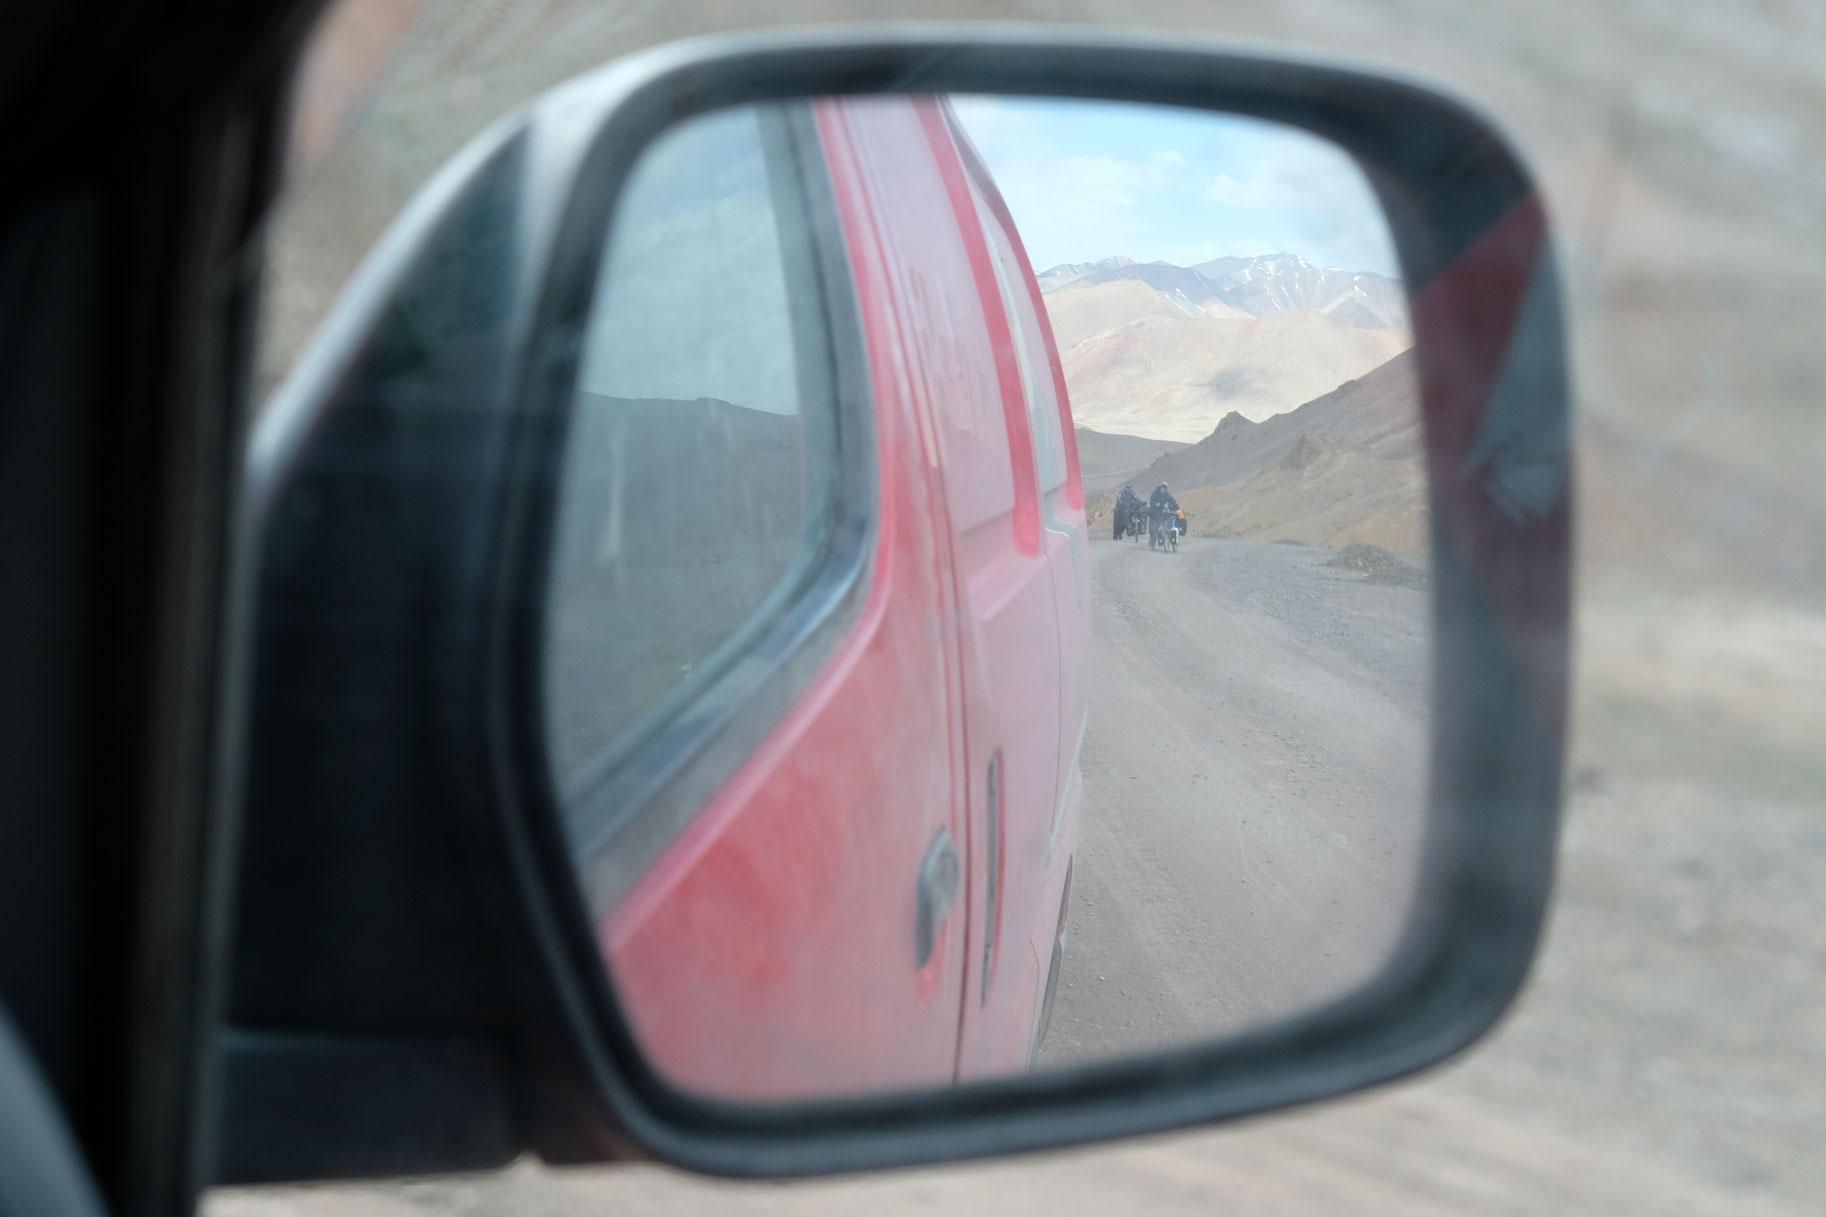 Rückspiegel eines Autos, in dem man zwei Radfahrerinnen sieht.